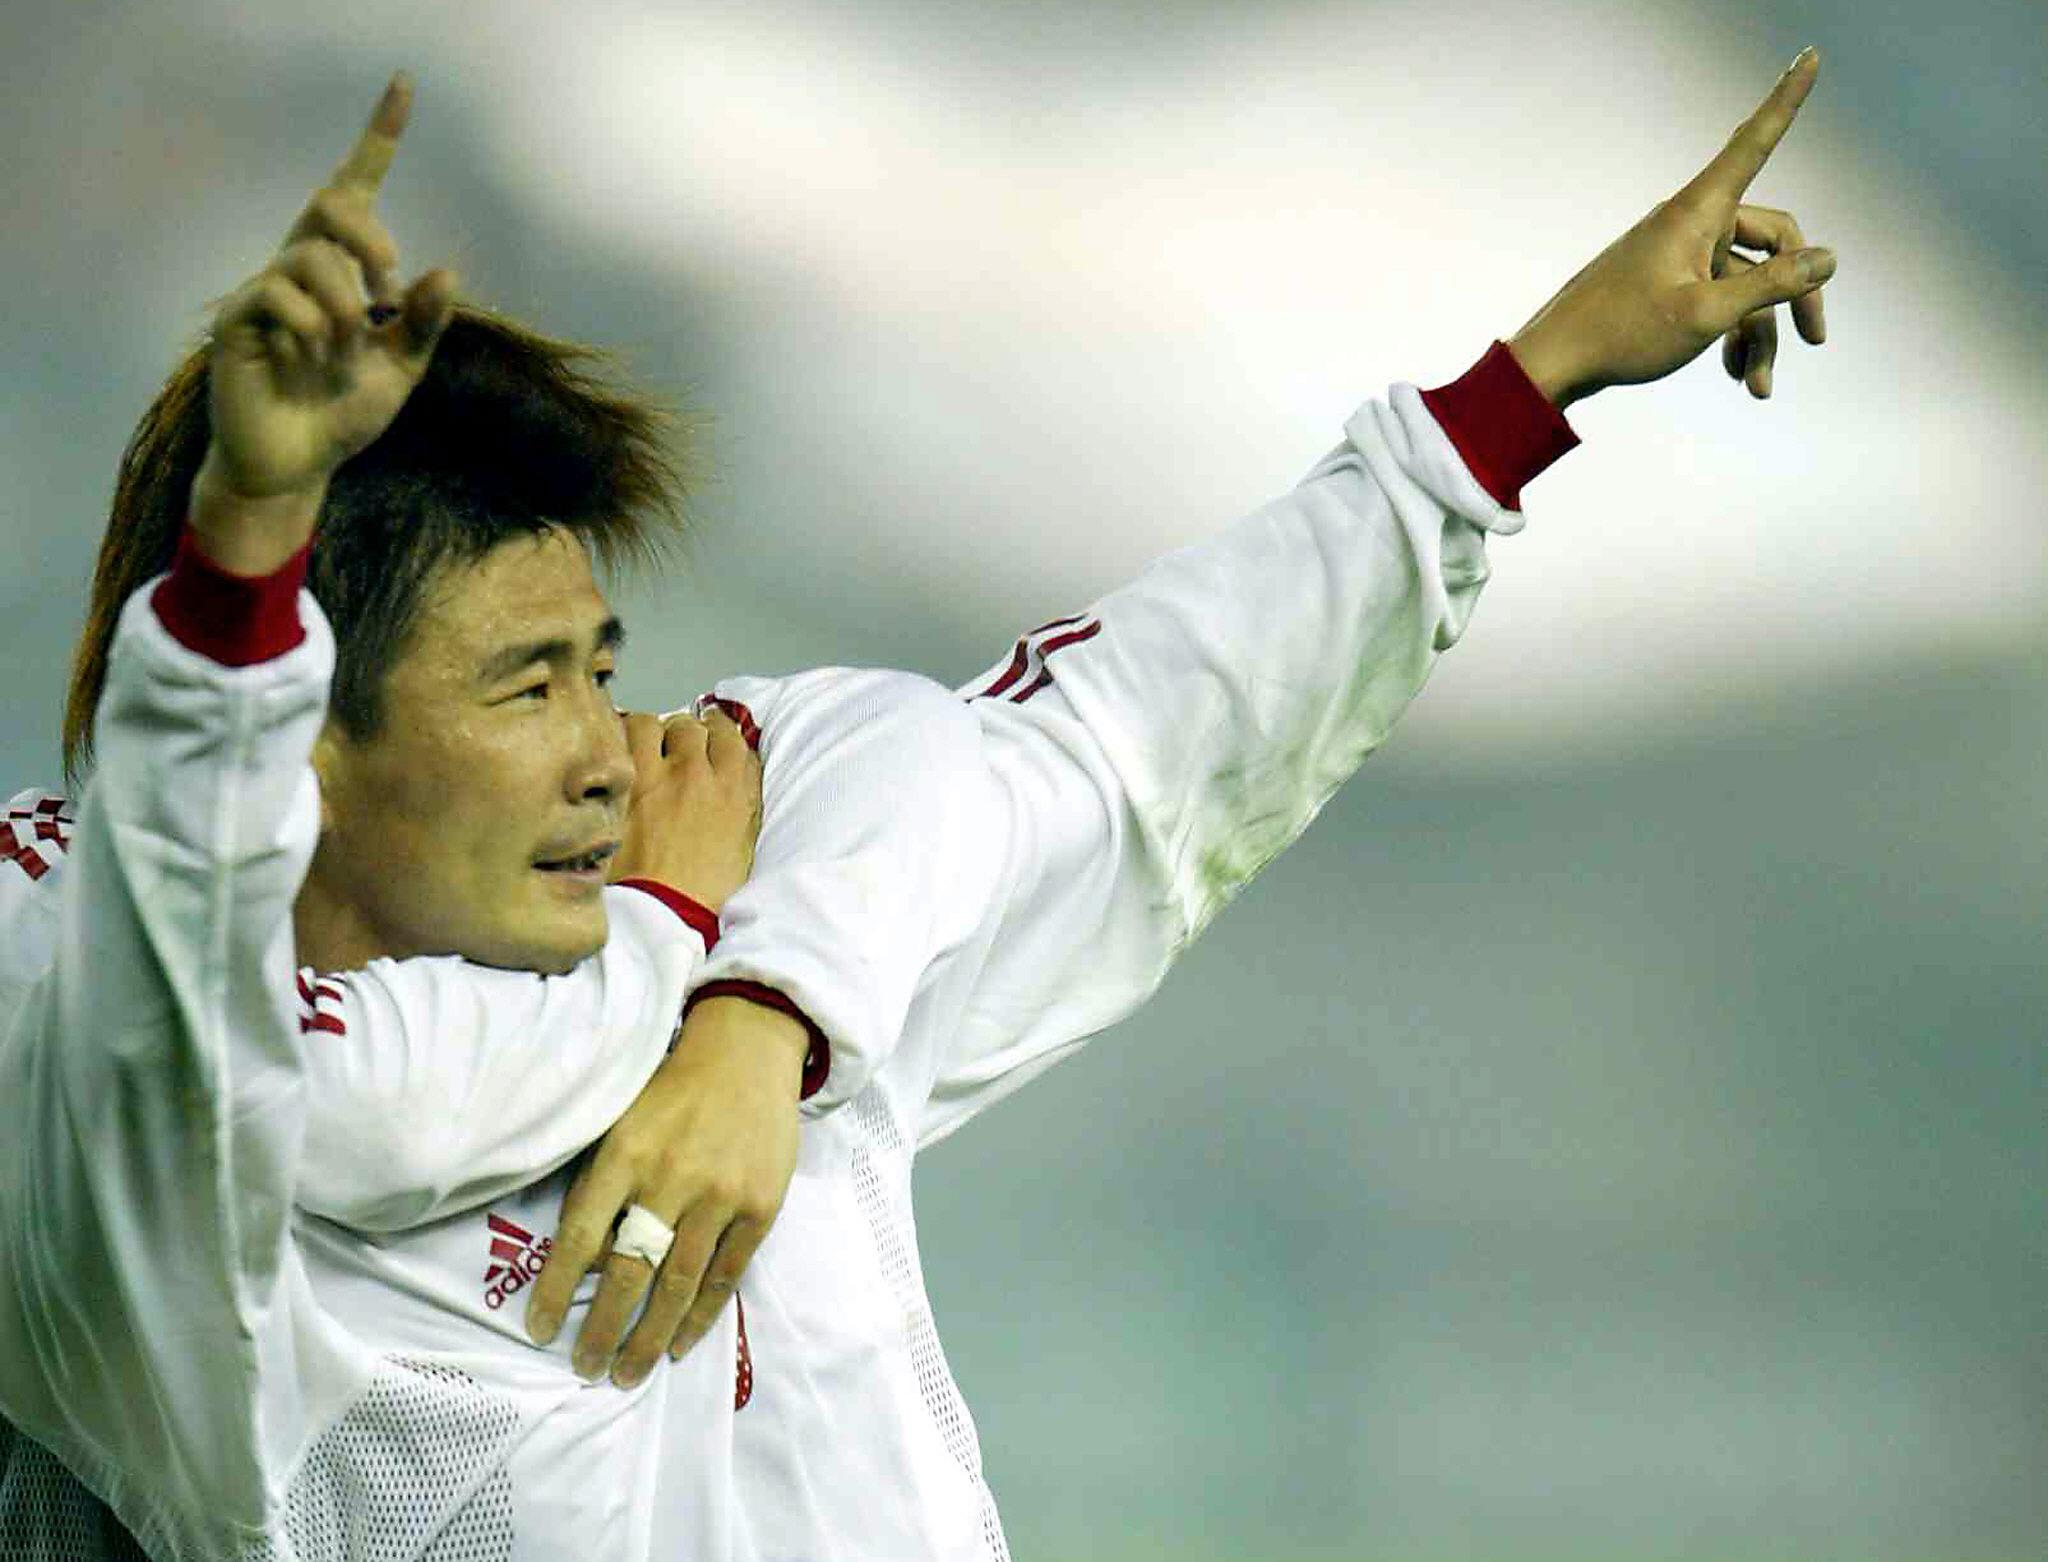 Visszamenőleg törlik ki a történelemkönyvekből a legeredményesebb kínai focistát, mert felszólalt a rendszer ellen